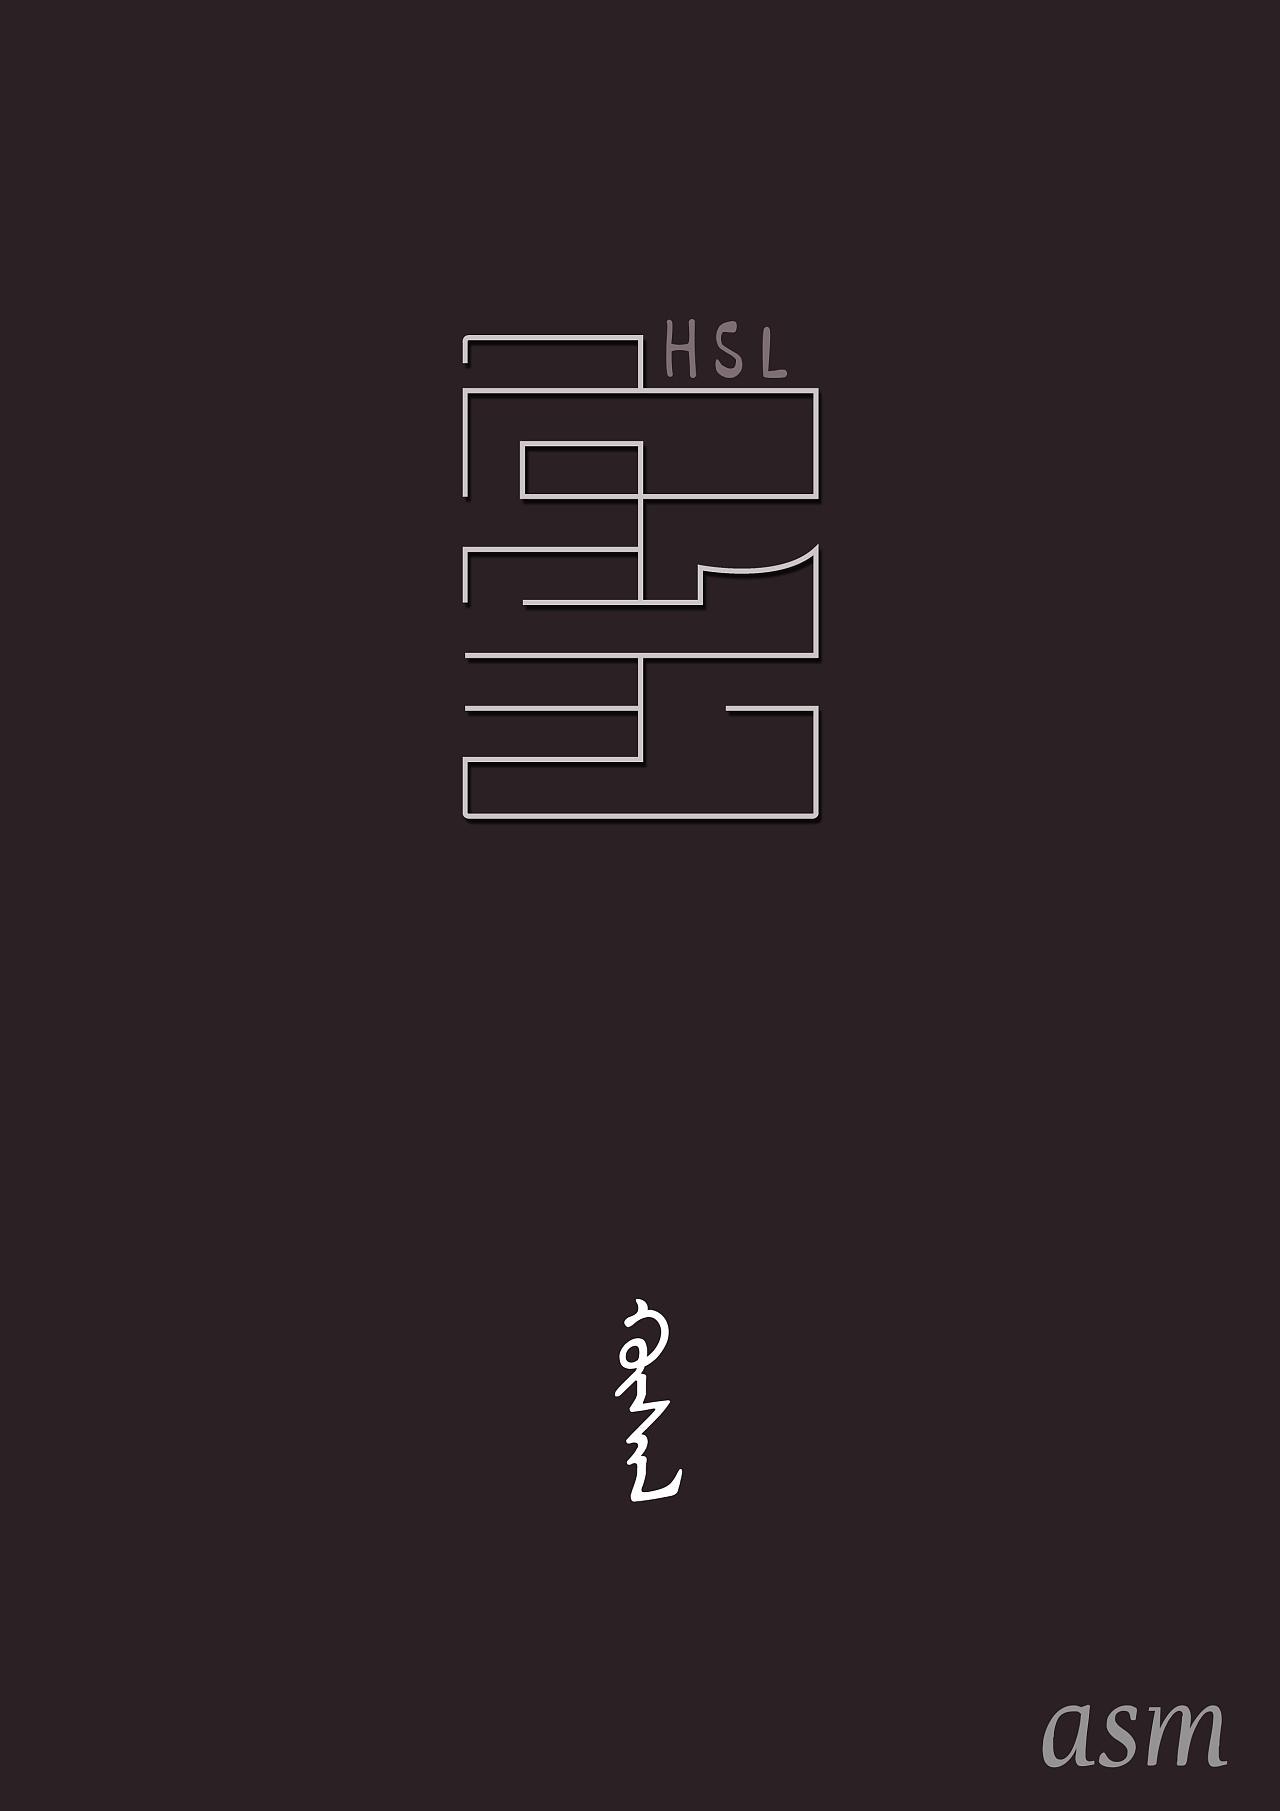 蒙古艺术文字3 -阿斯玛设计